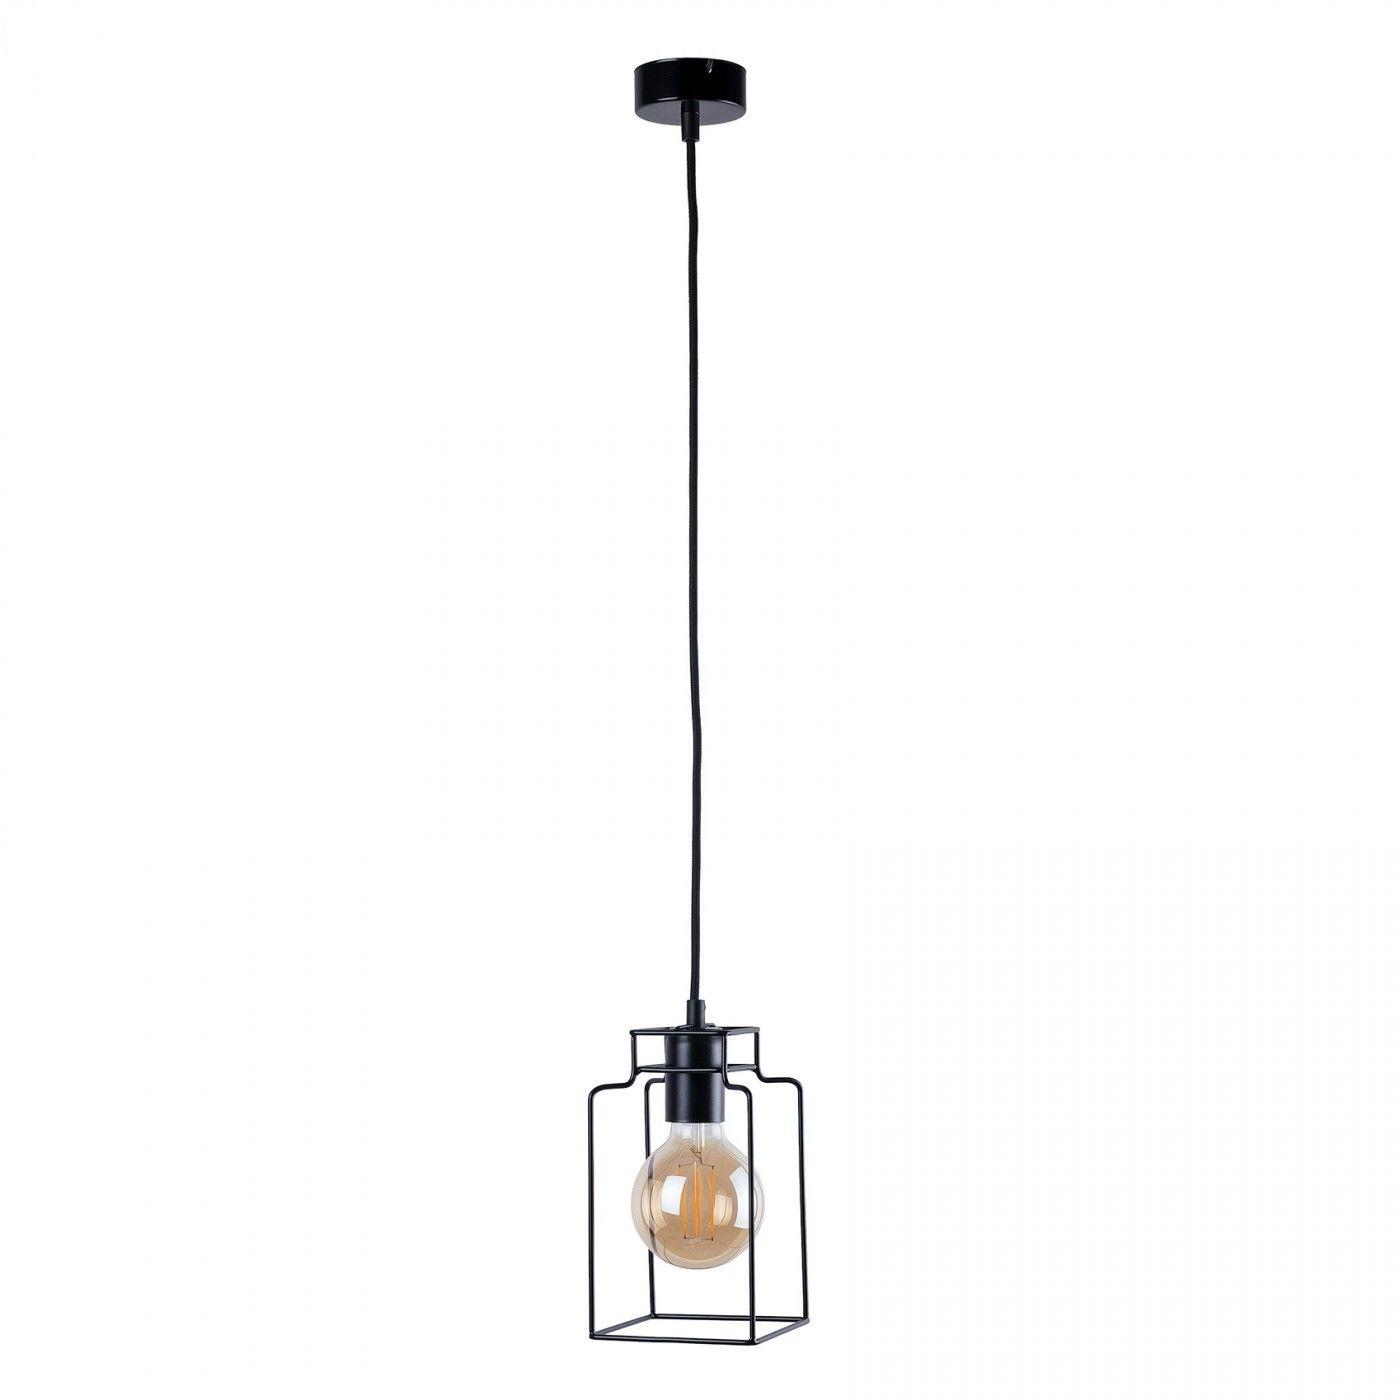 Lampa wisząca druciana Fiord czarna loftowa 9668 - Nowodvorski Do -17% rabatu w koszyku i darmowa dostawa od 299zł !